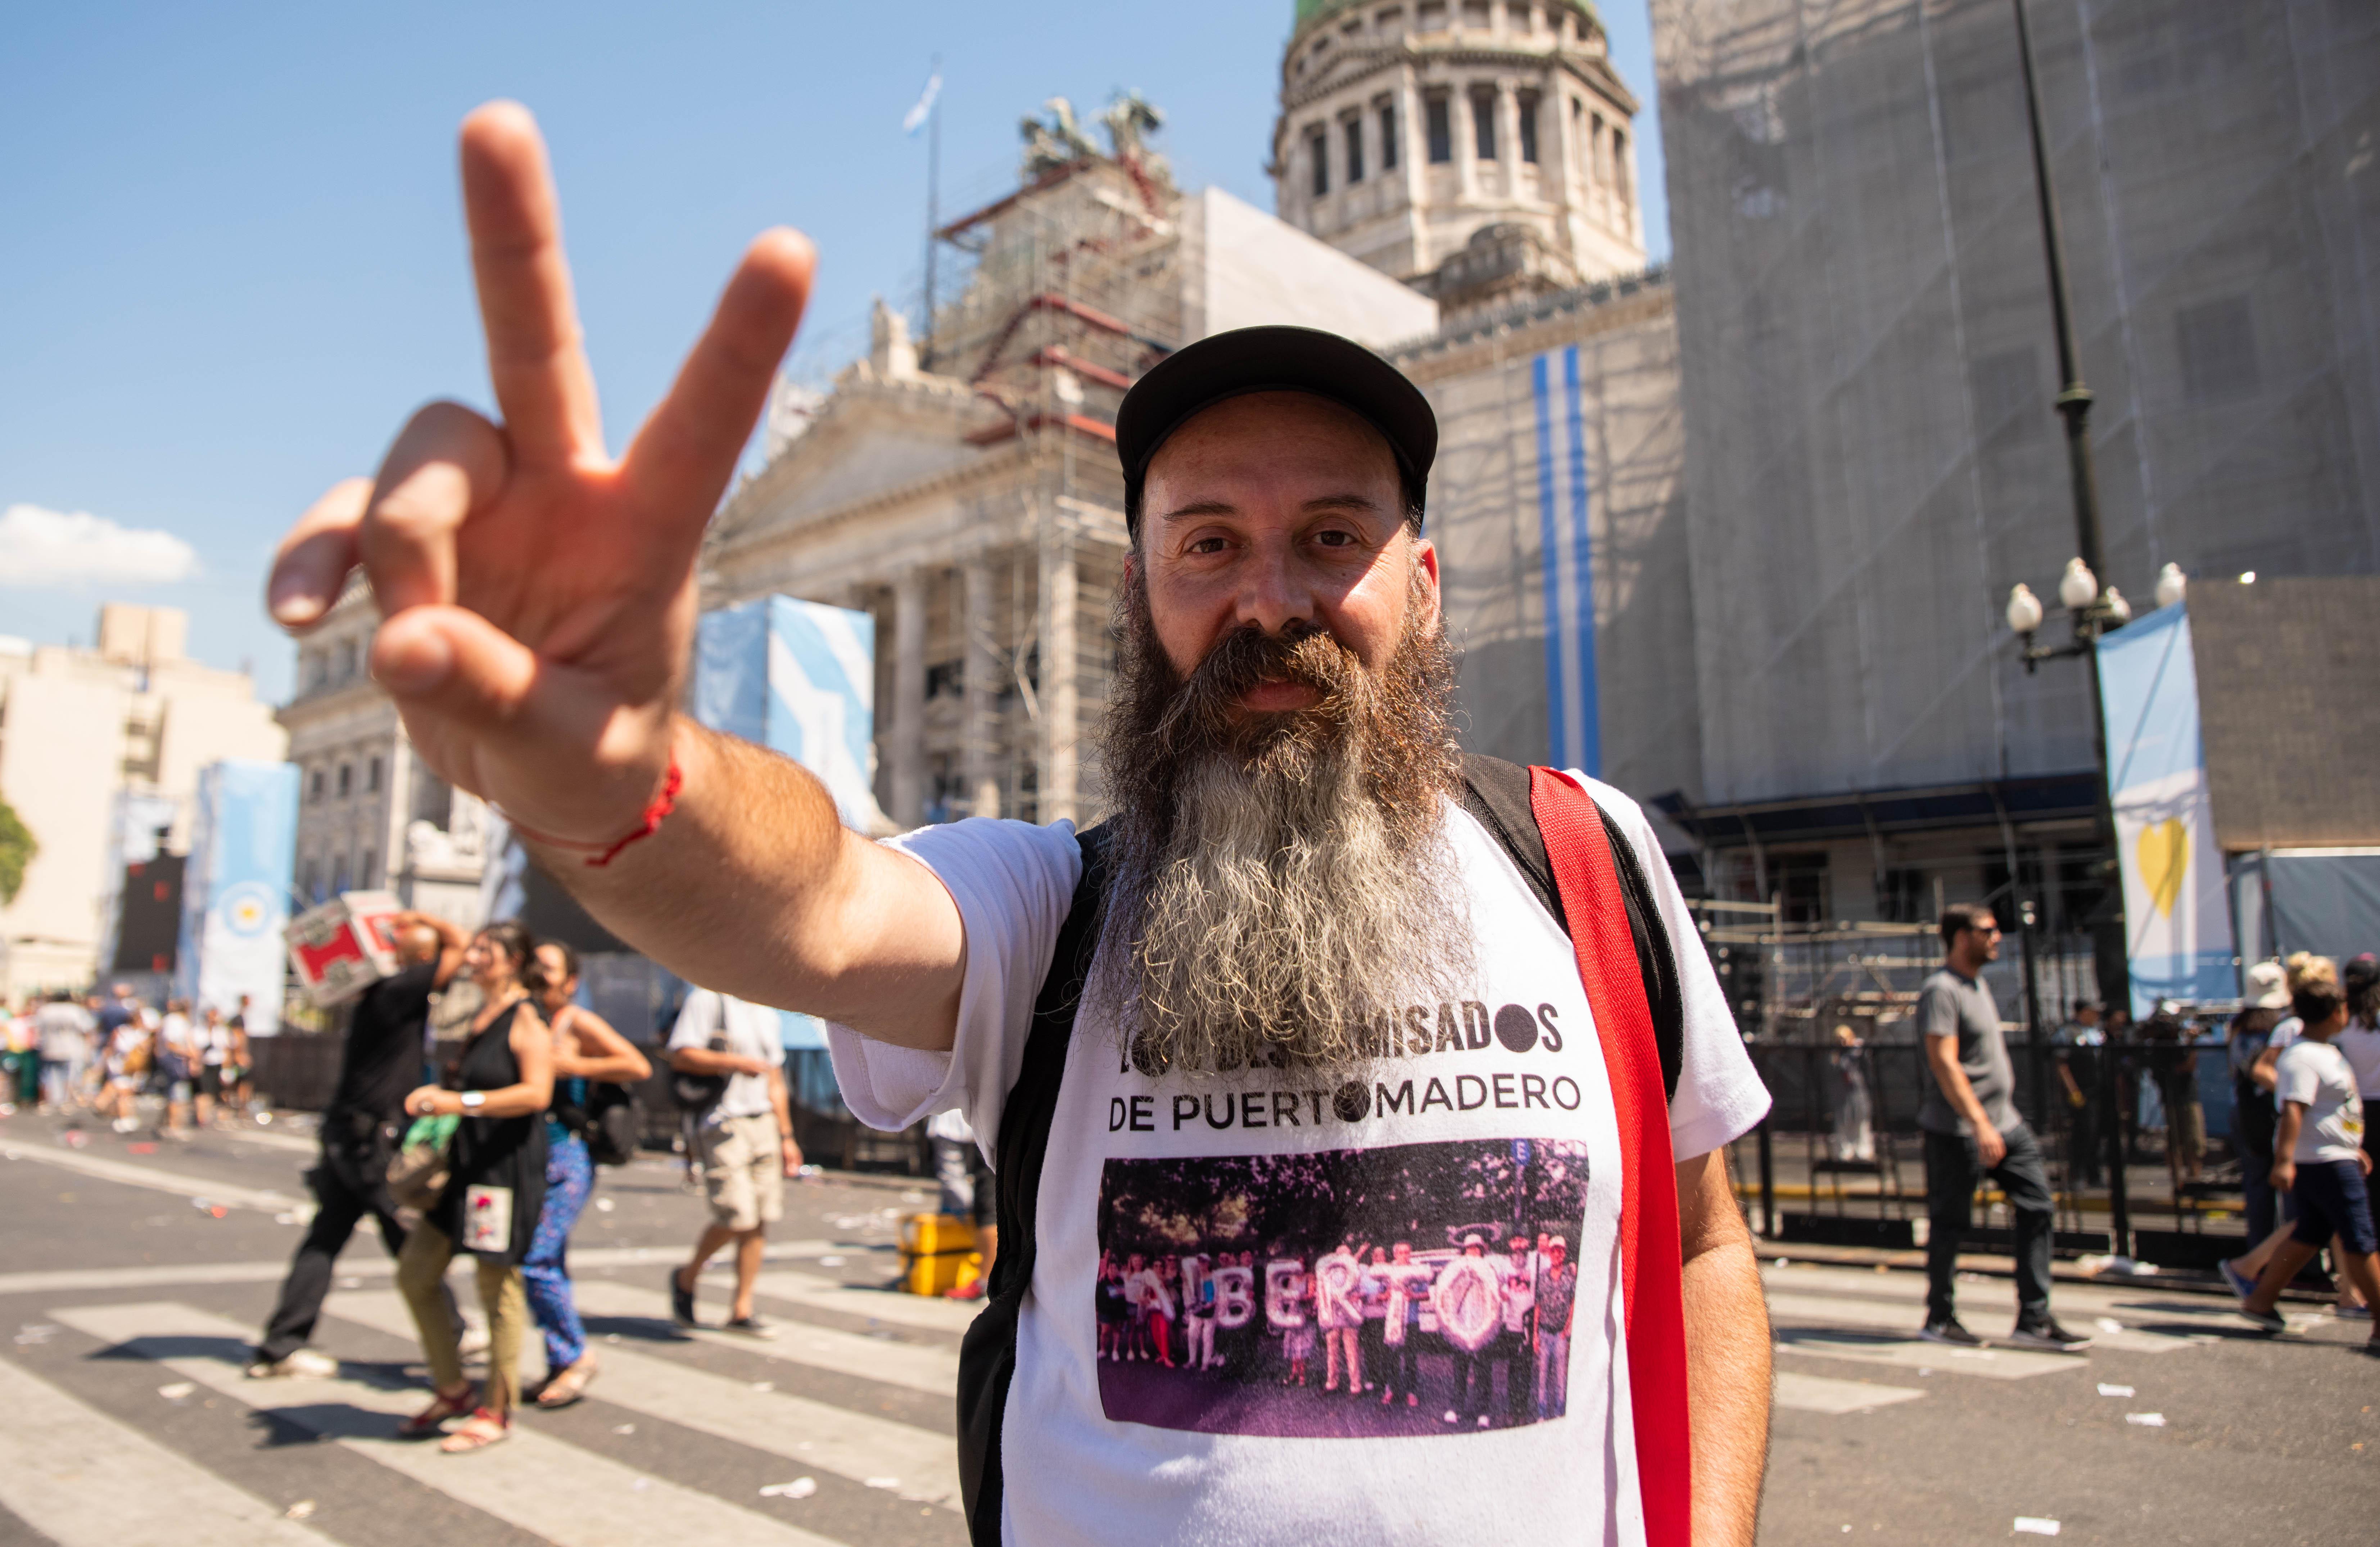 La militancia peronista se hizo presente en las calles aledañas al Congreso